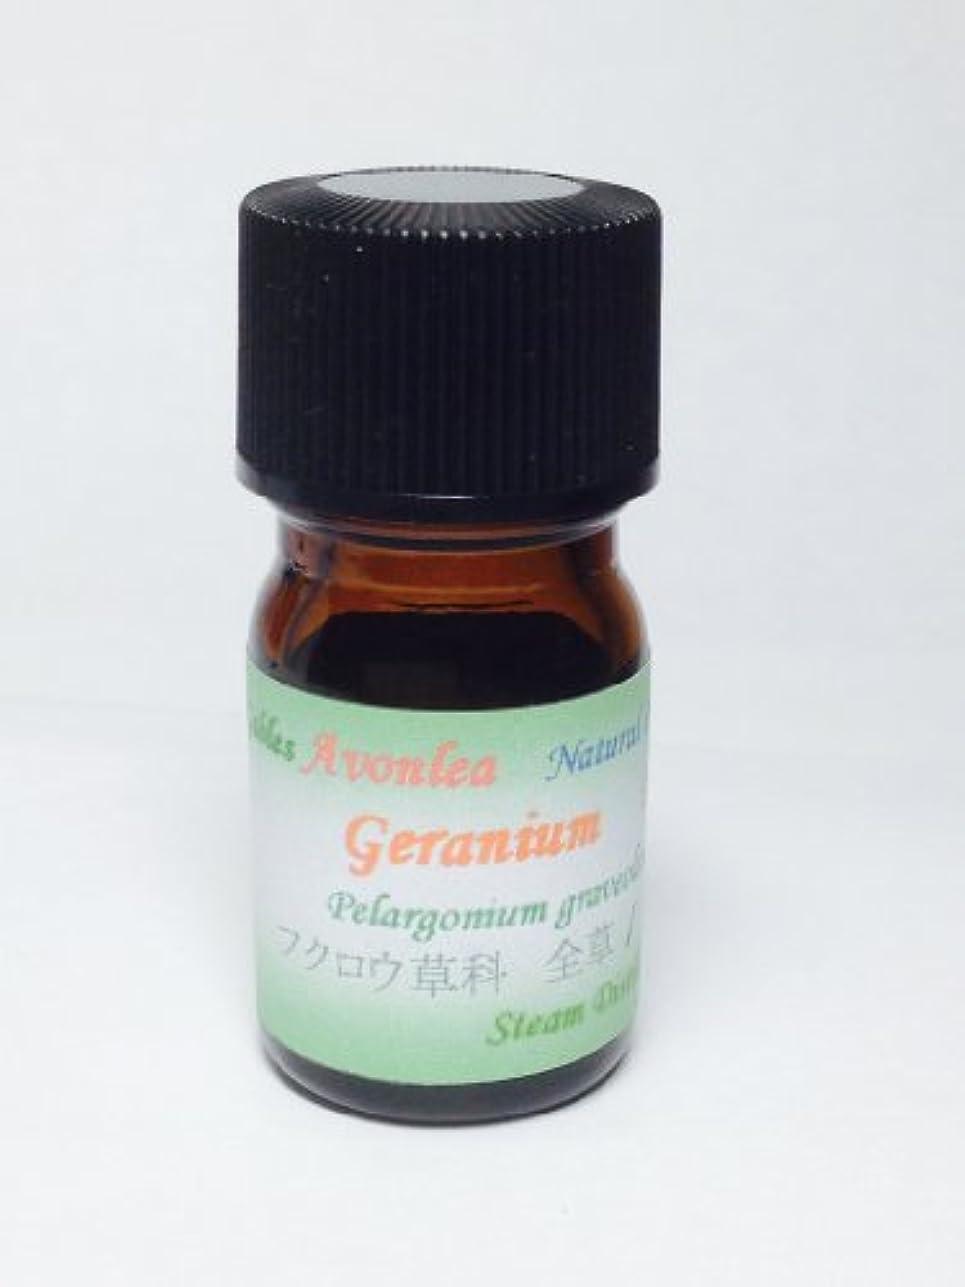 排除受け取るしつけゼラニウム 5ml 100% ピュア エッセンシャルオイル 天然精油